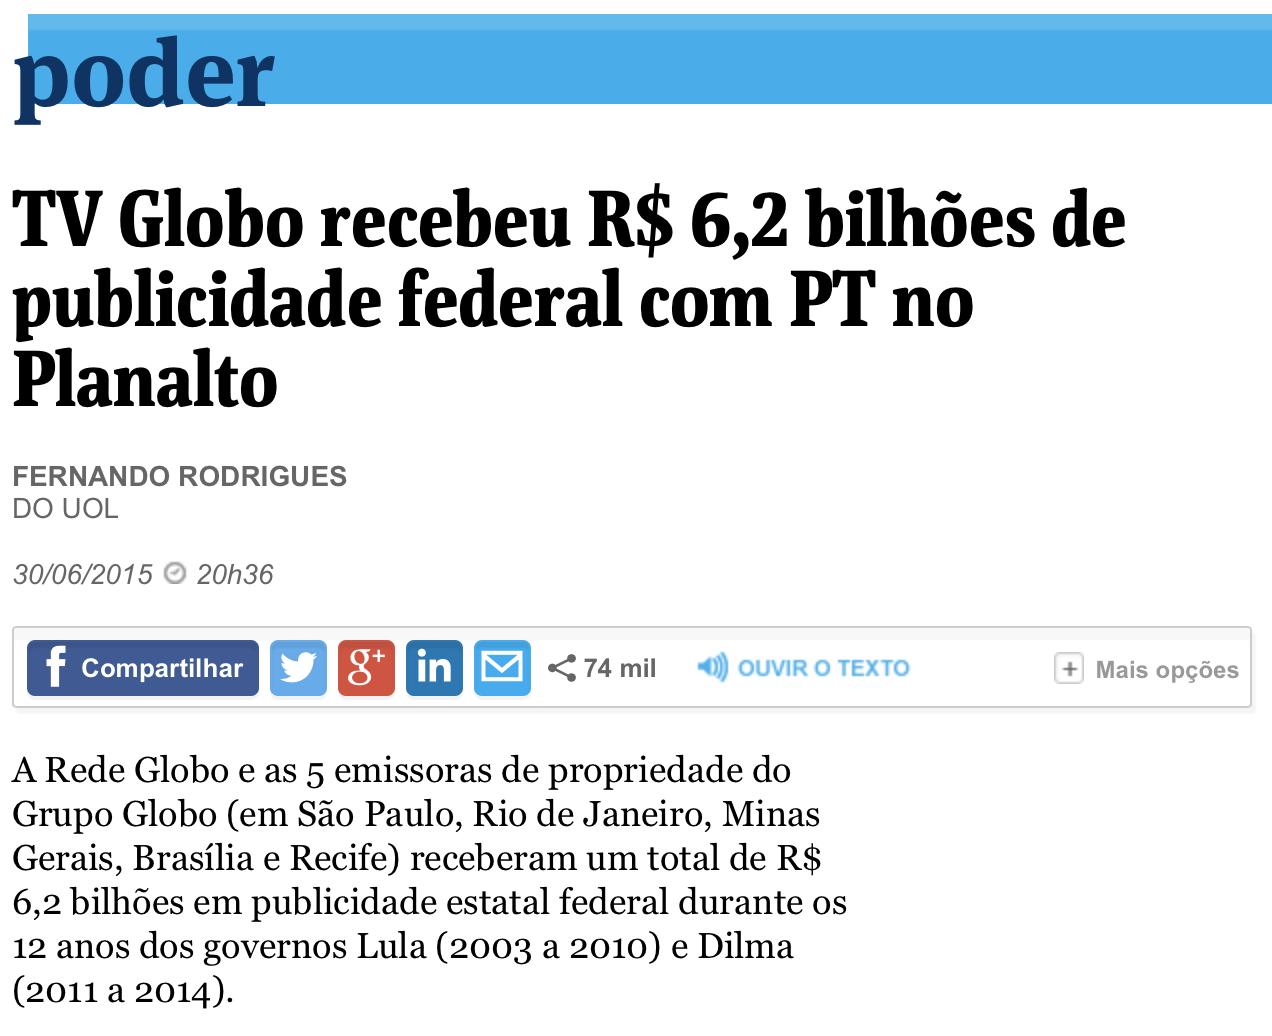 Folha: Globo recebeu R$ 6,2 bilhões de publicidade federal com PT no Planalto